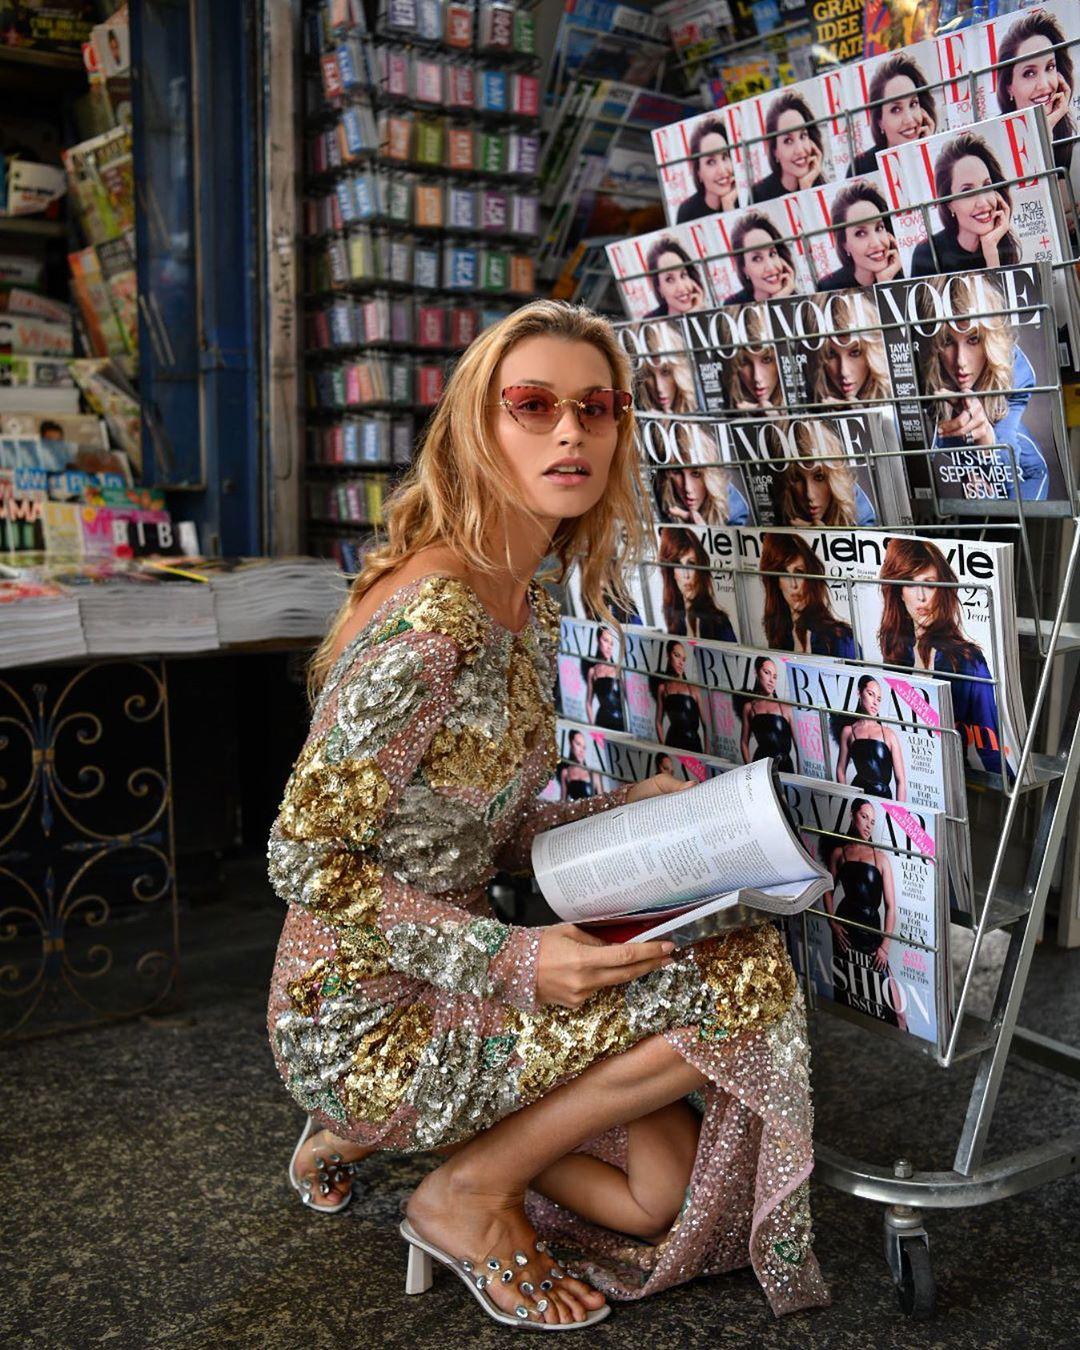 Tín đồ thời trang Pháp Chloe Careux mặc đầm sequin dài, mang guốc cao gót và đeo kính mát tròn